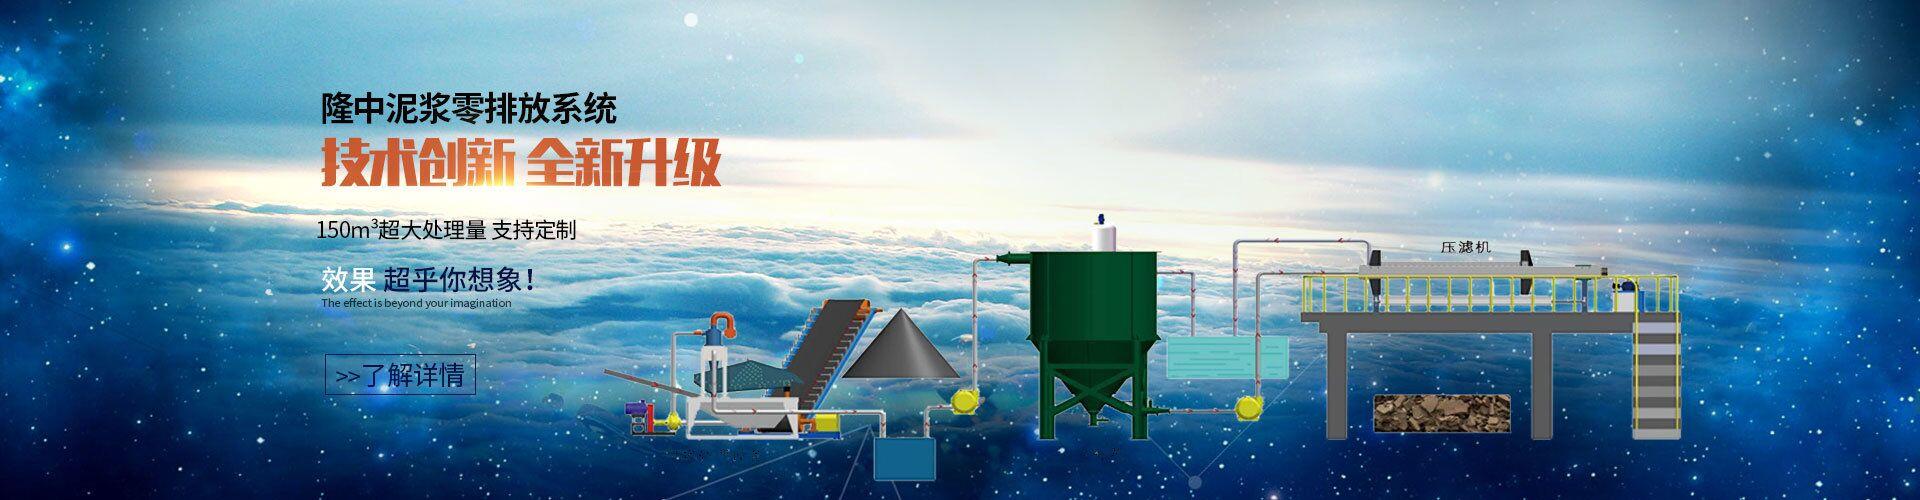 污泥压滤机设备--隆中零排放系统